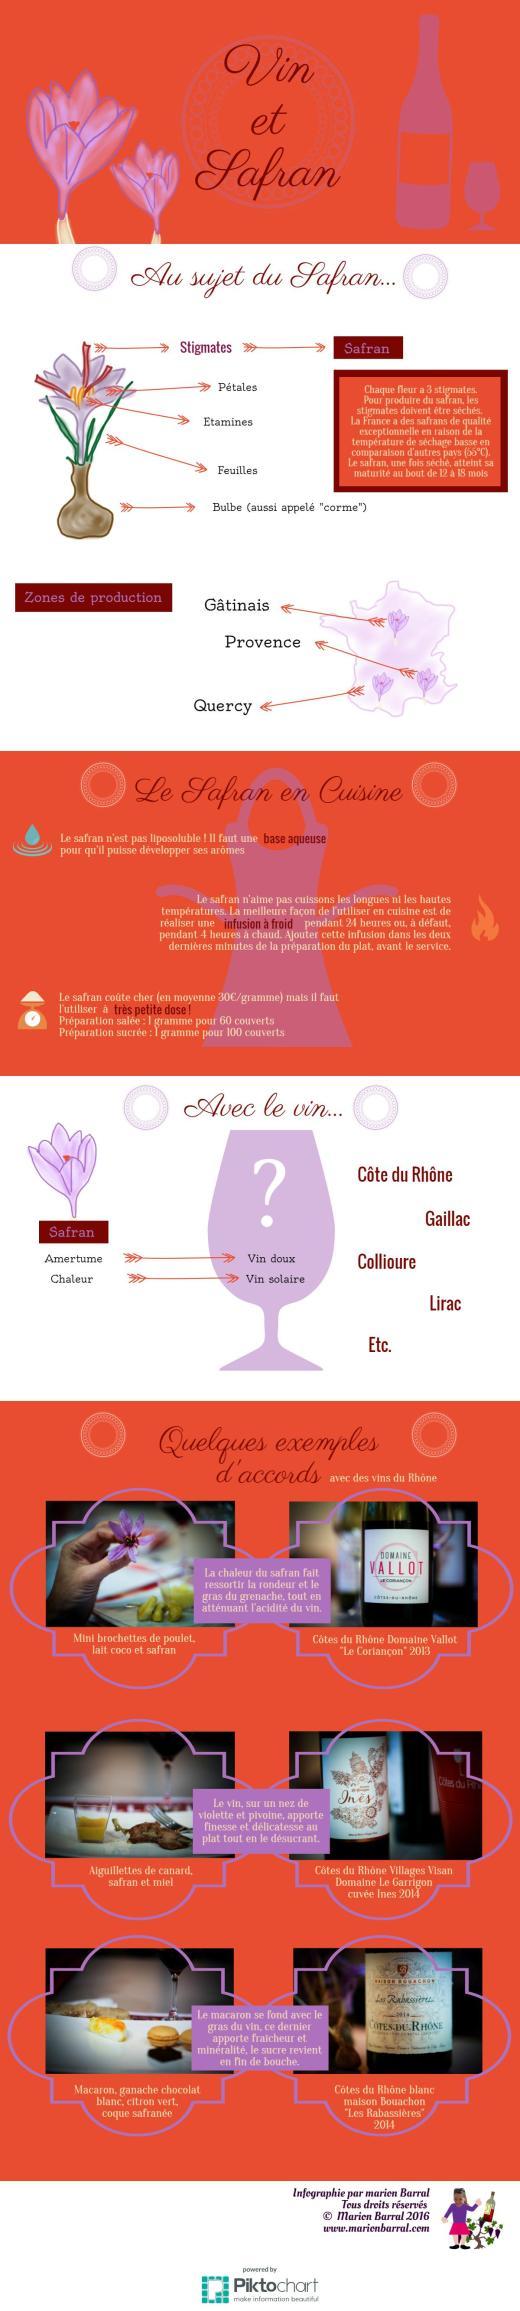 infographie safran et vin marion barral